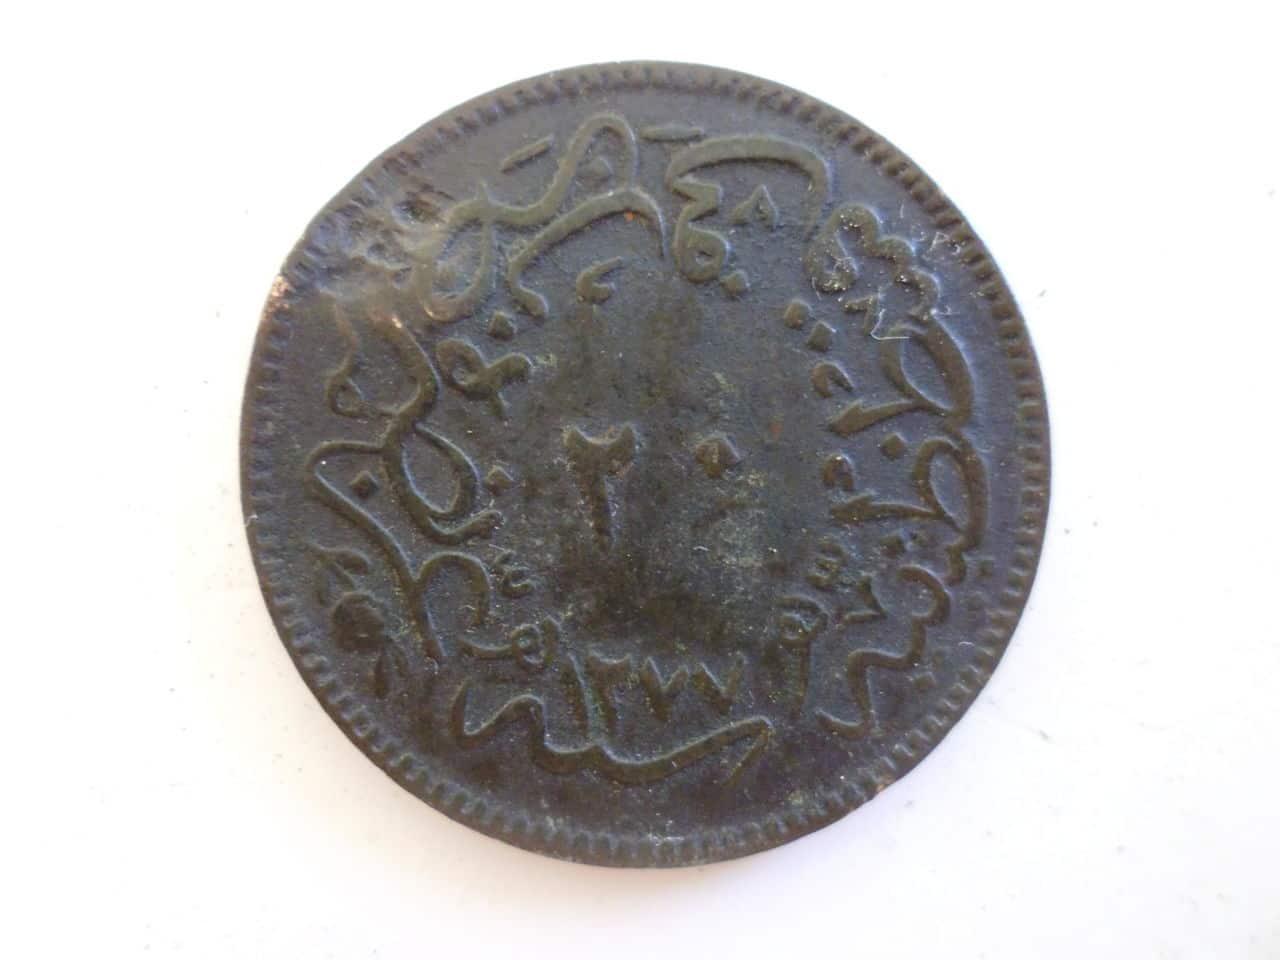 Moneda arabe a indetificar. P1110686